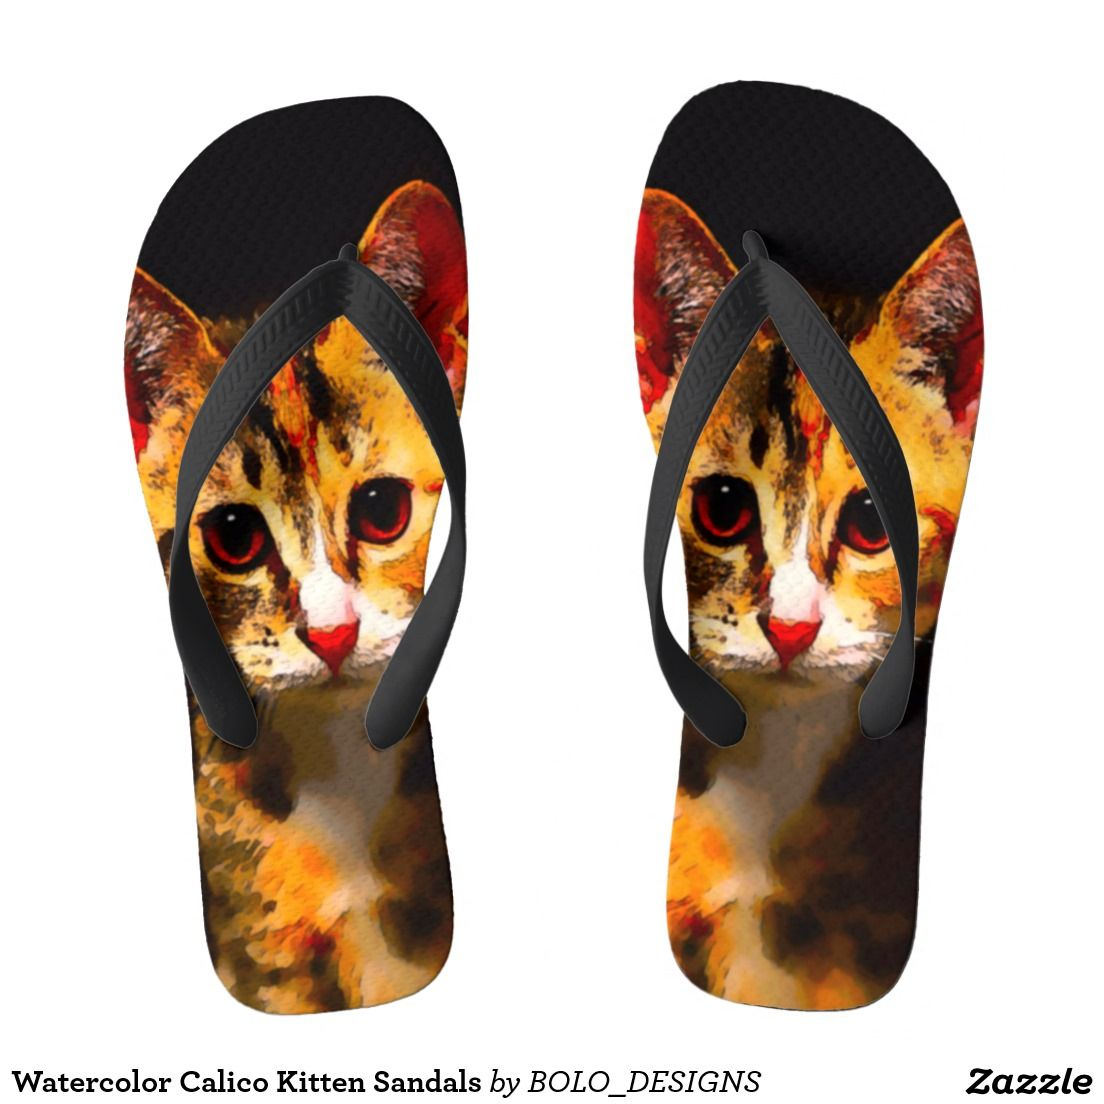 Watercolor Calico Kitten Sandals Zazzle Com In 2020 Calico Kitten Flip Flop Sandals Sandals